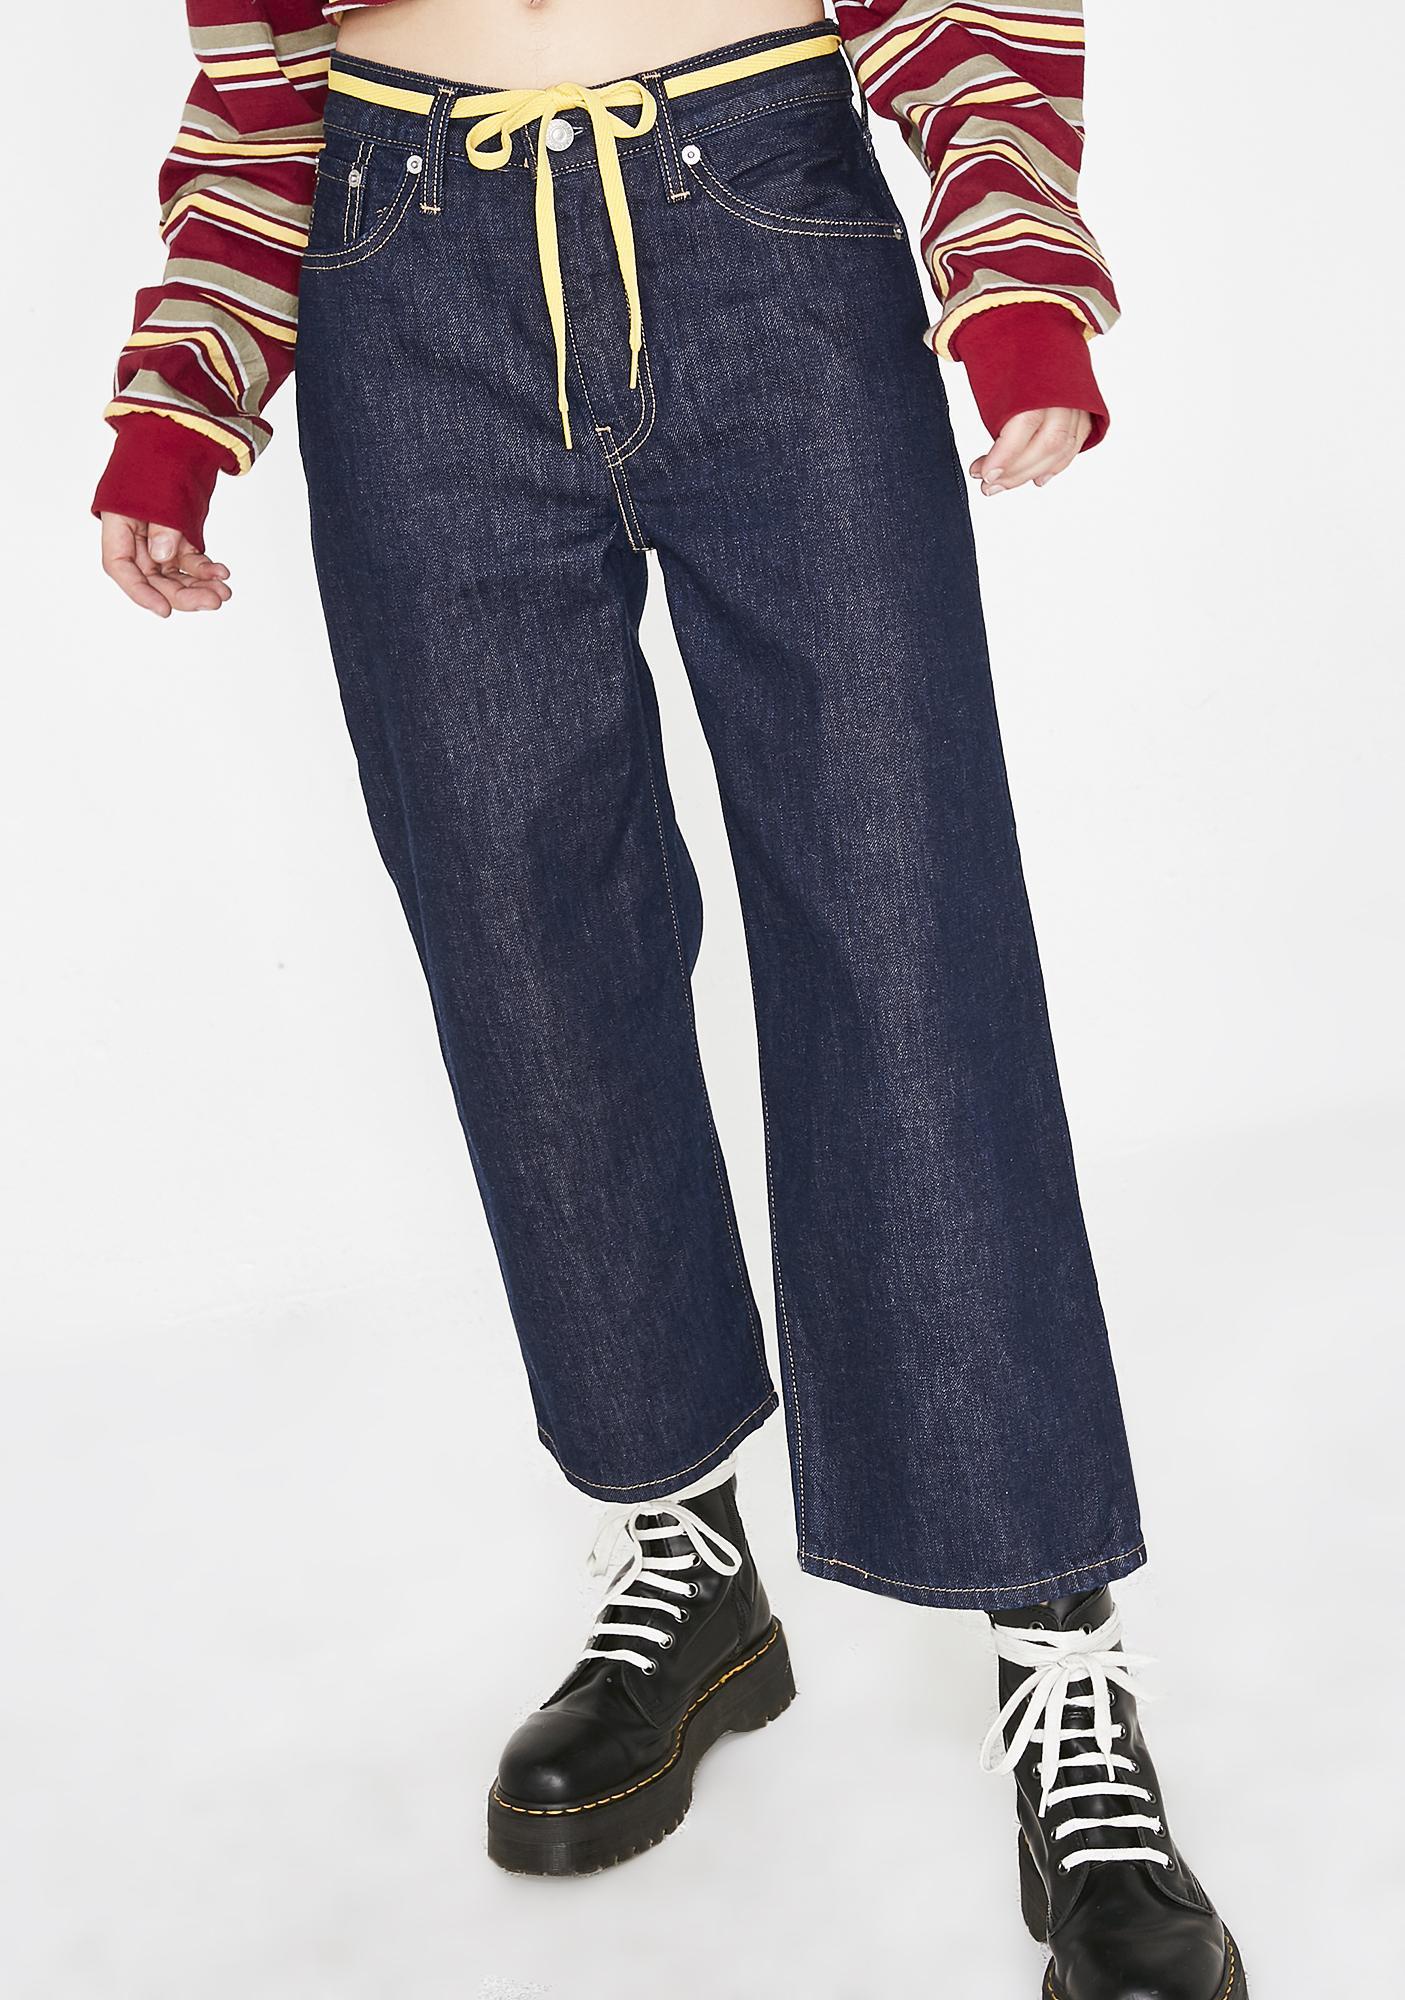 Levis Big Blue Jeans